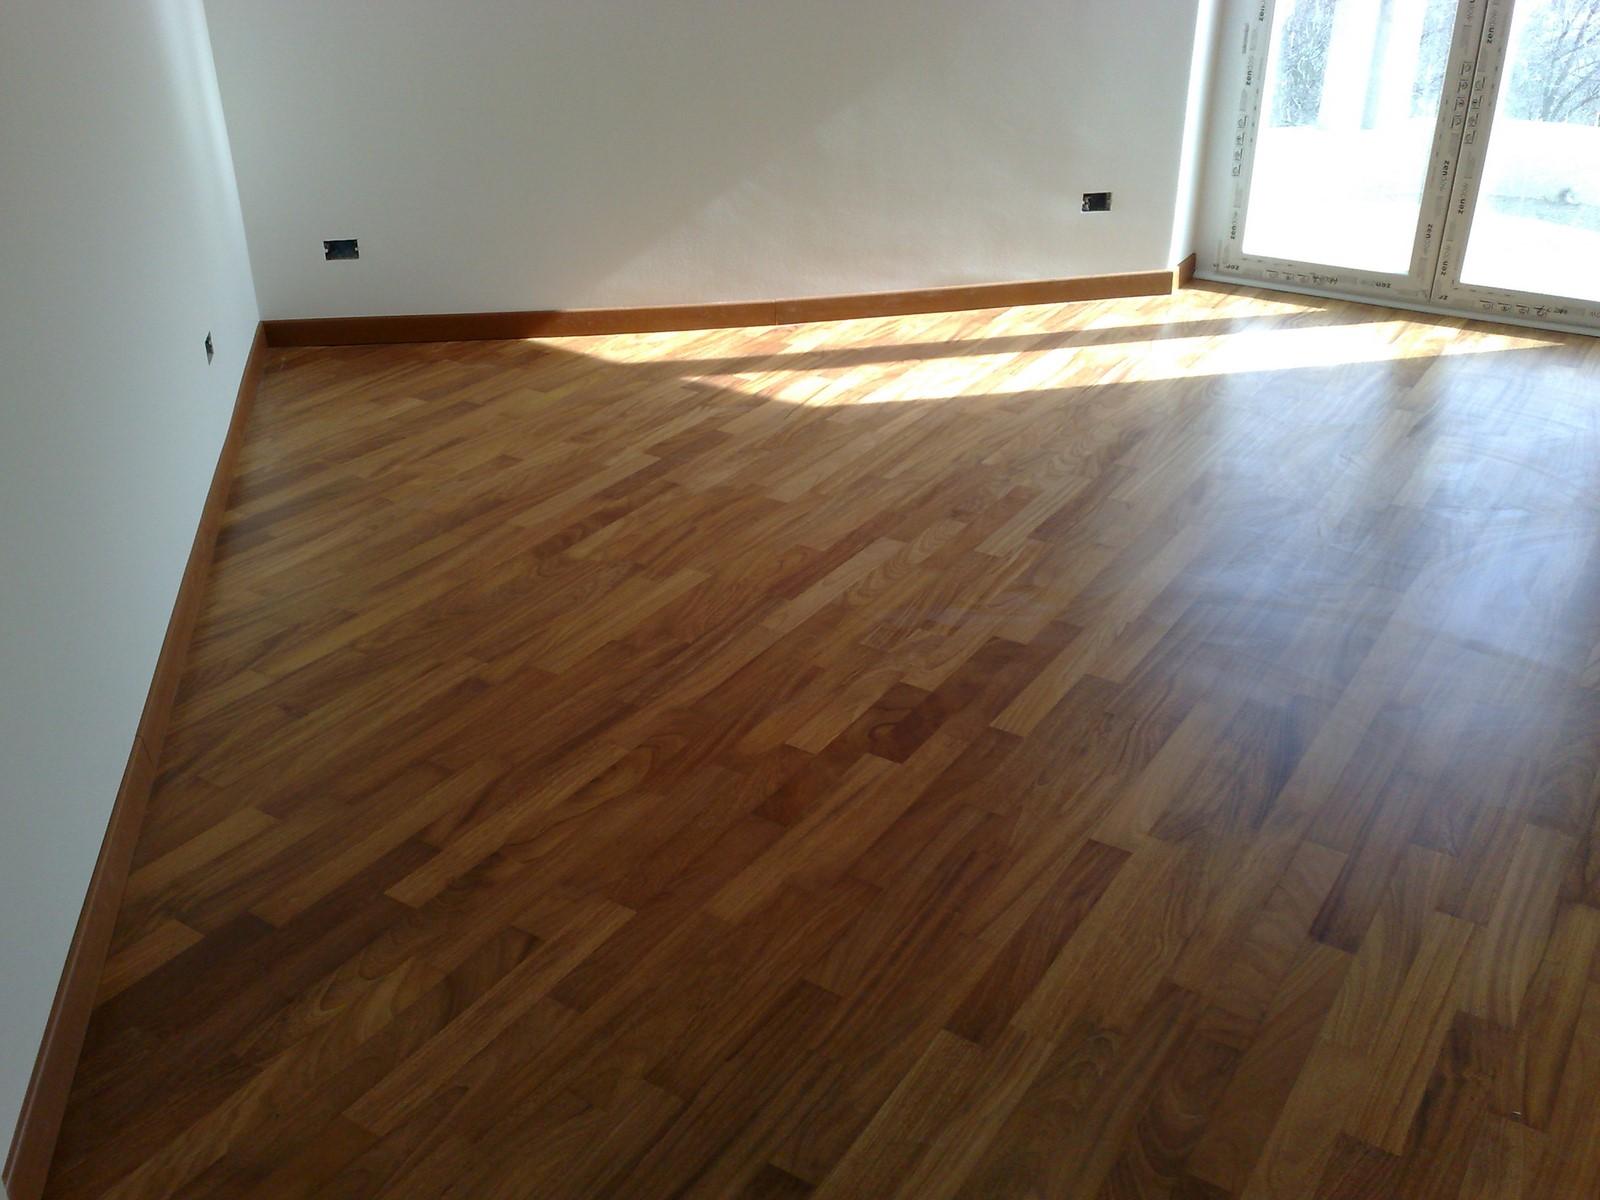 Camera da letto con pavimento realizzato in parquet - Pavimento camera da letto ...